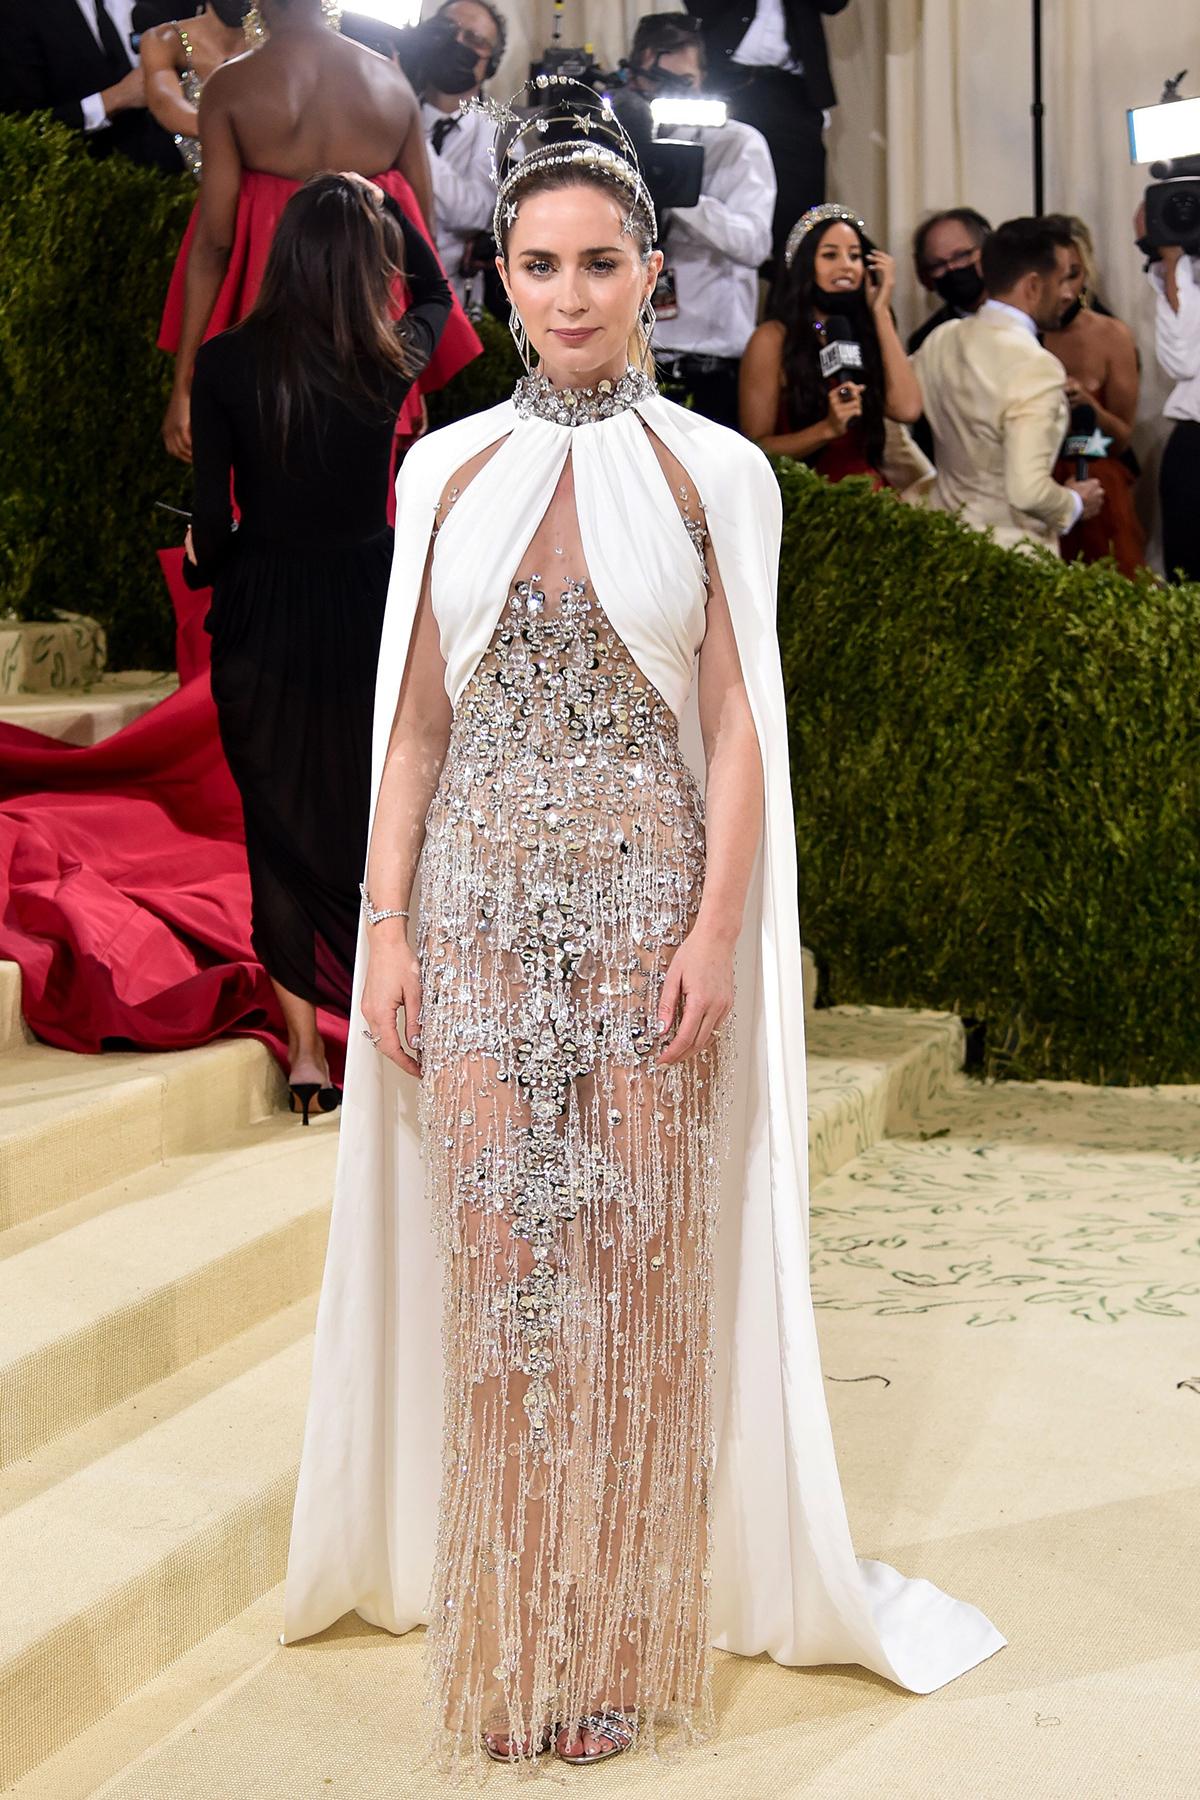 Emily Blunt cũng tạo ấn tượng với đầm màu bạc xuyên thấu kết hợp áo choàng trắng phong cách nữ hoàng.